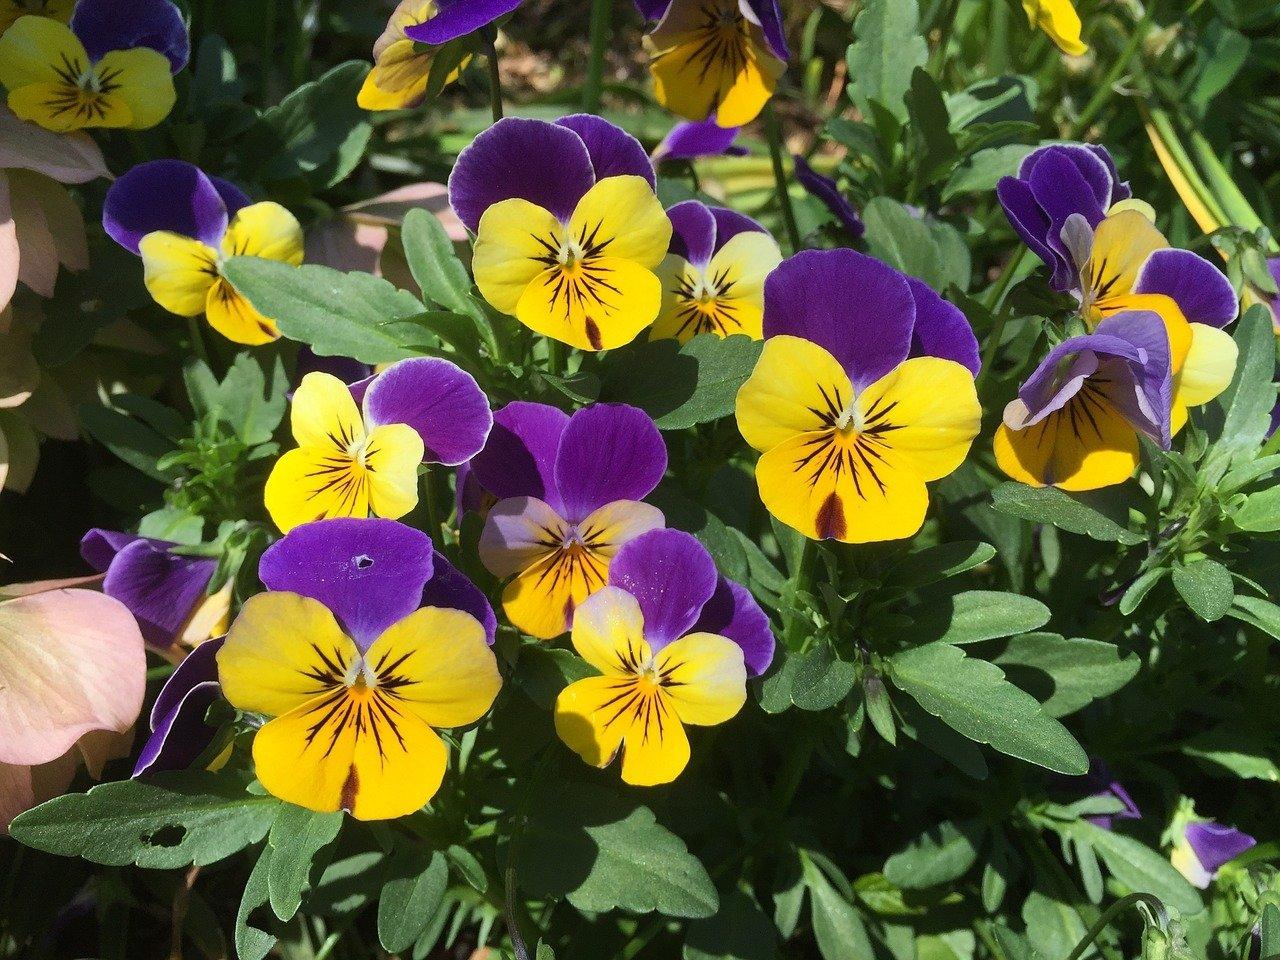 Kwiatki - bratki, wiosenna piosenka dla dzieci tekst i melodia